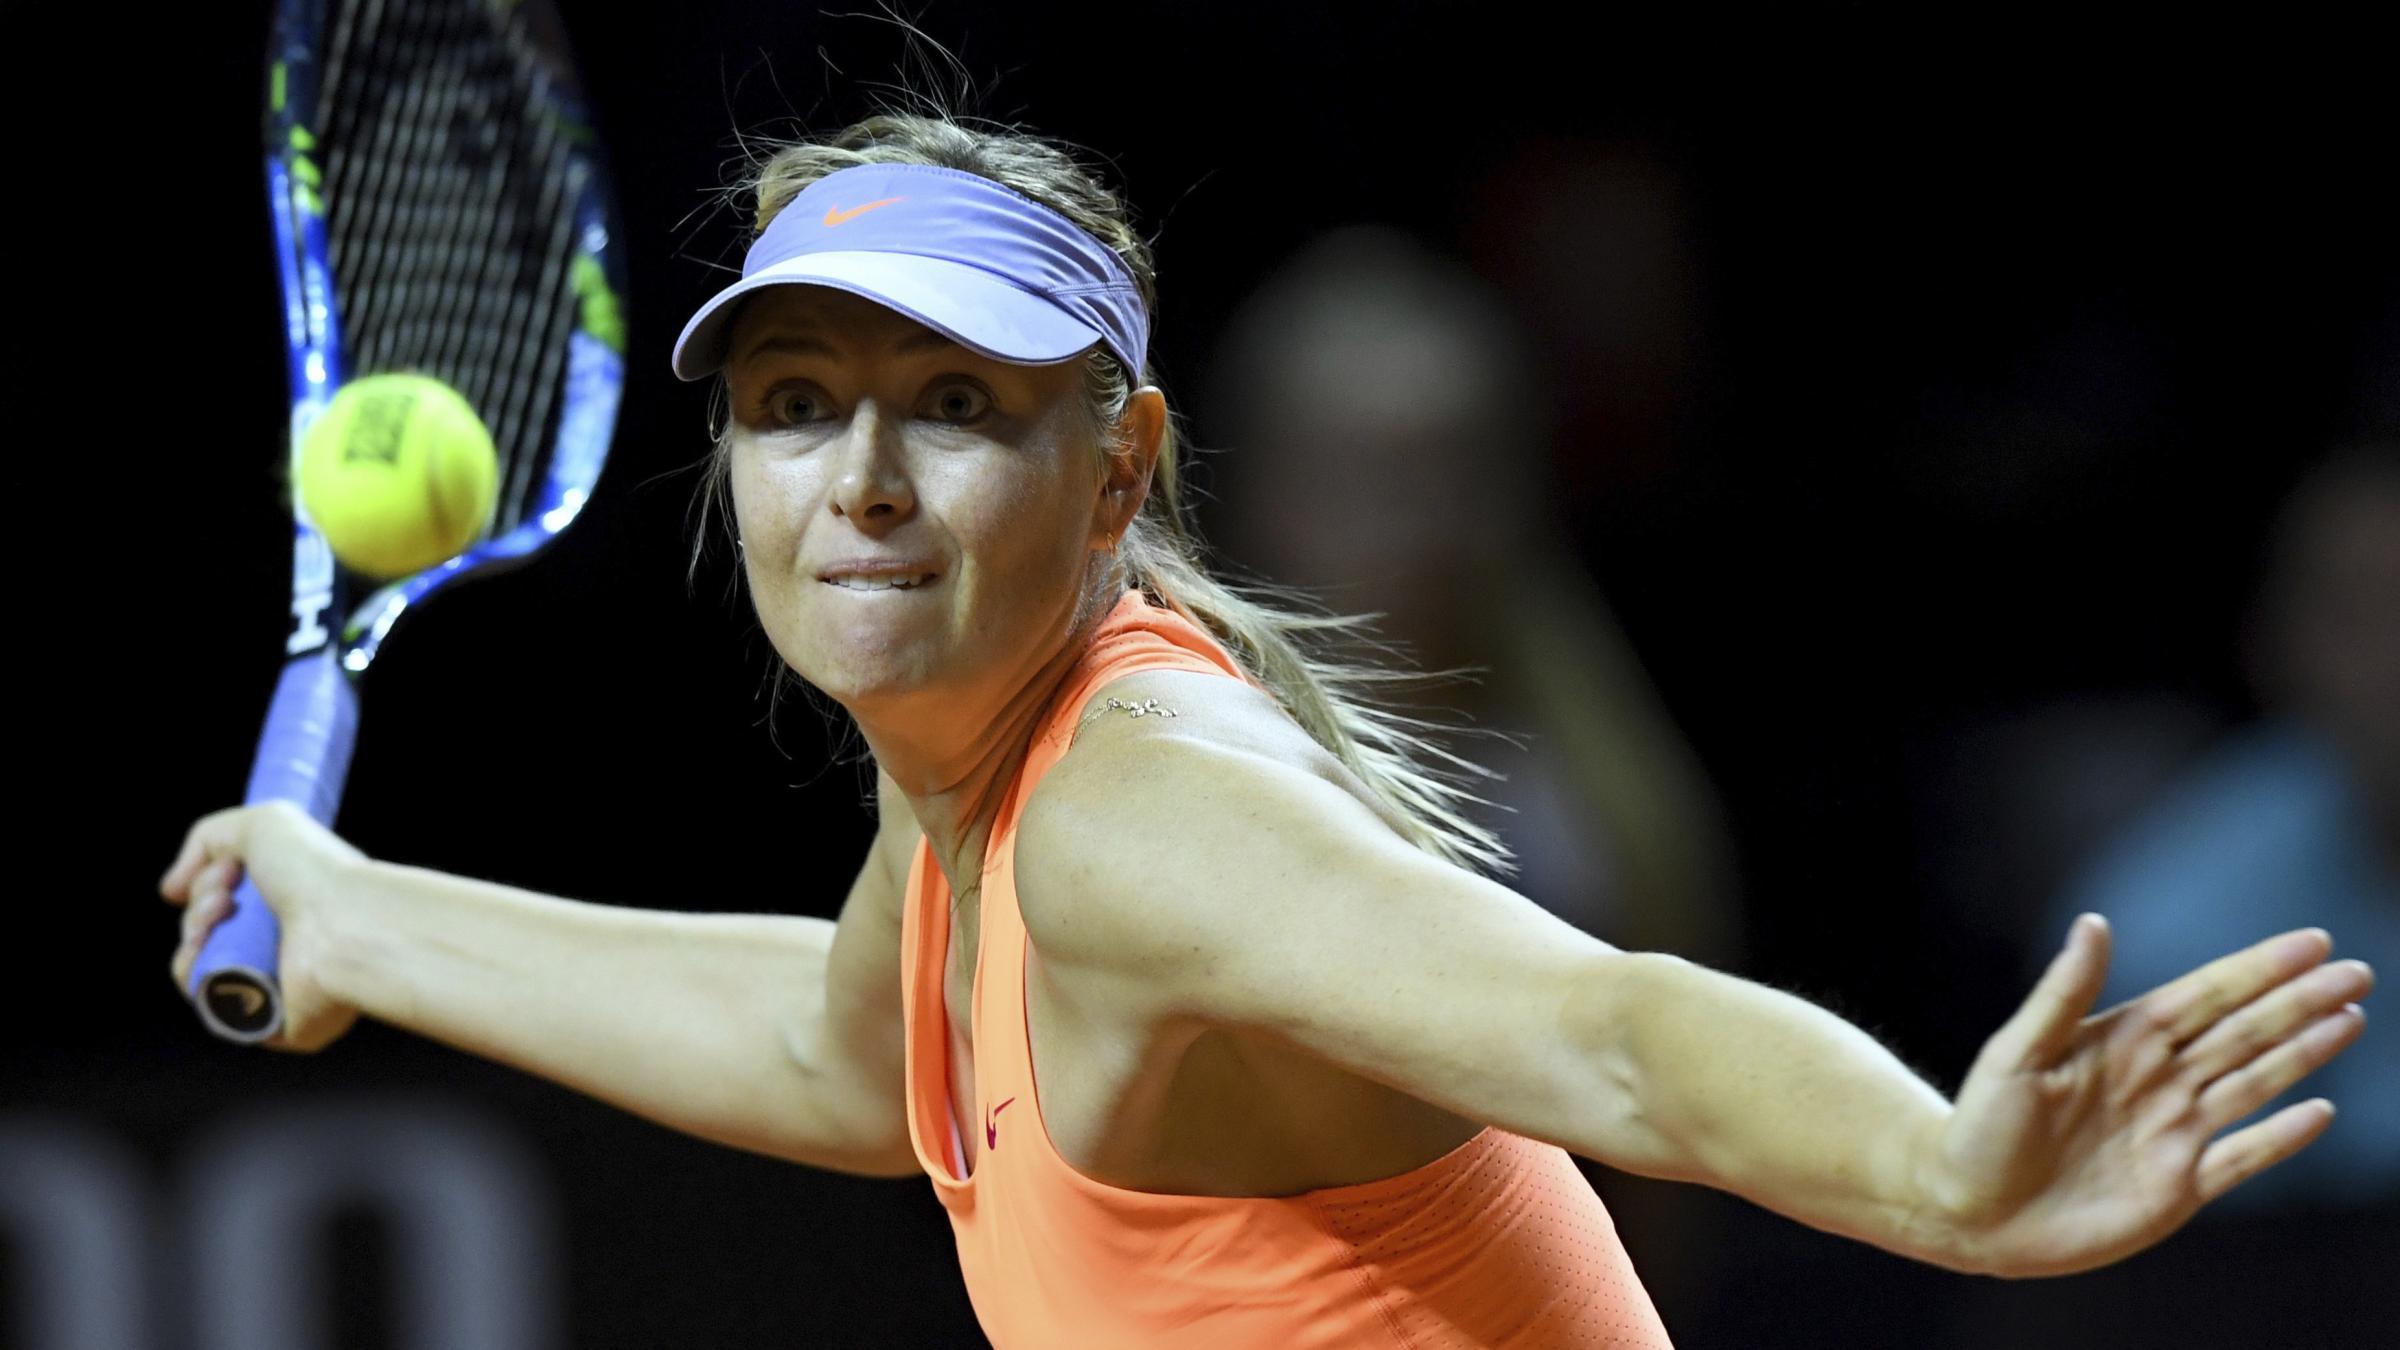 Wl wladimir klitschko wikipedia - Kristina Mladenovic Ends Maria Sharapova S Hopes Of Claiming Stuttgart Title Hillingdon Times